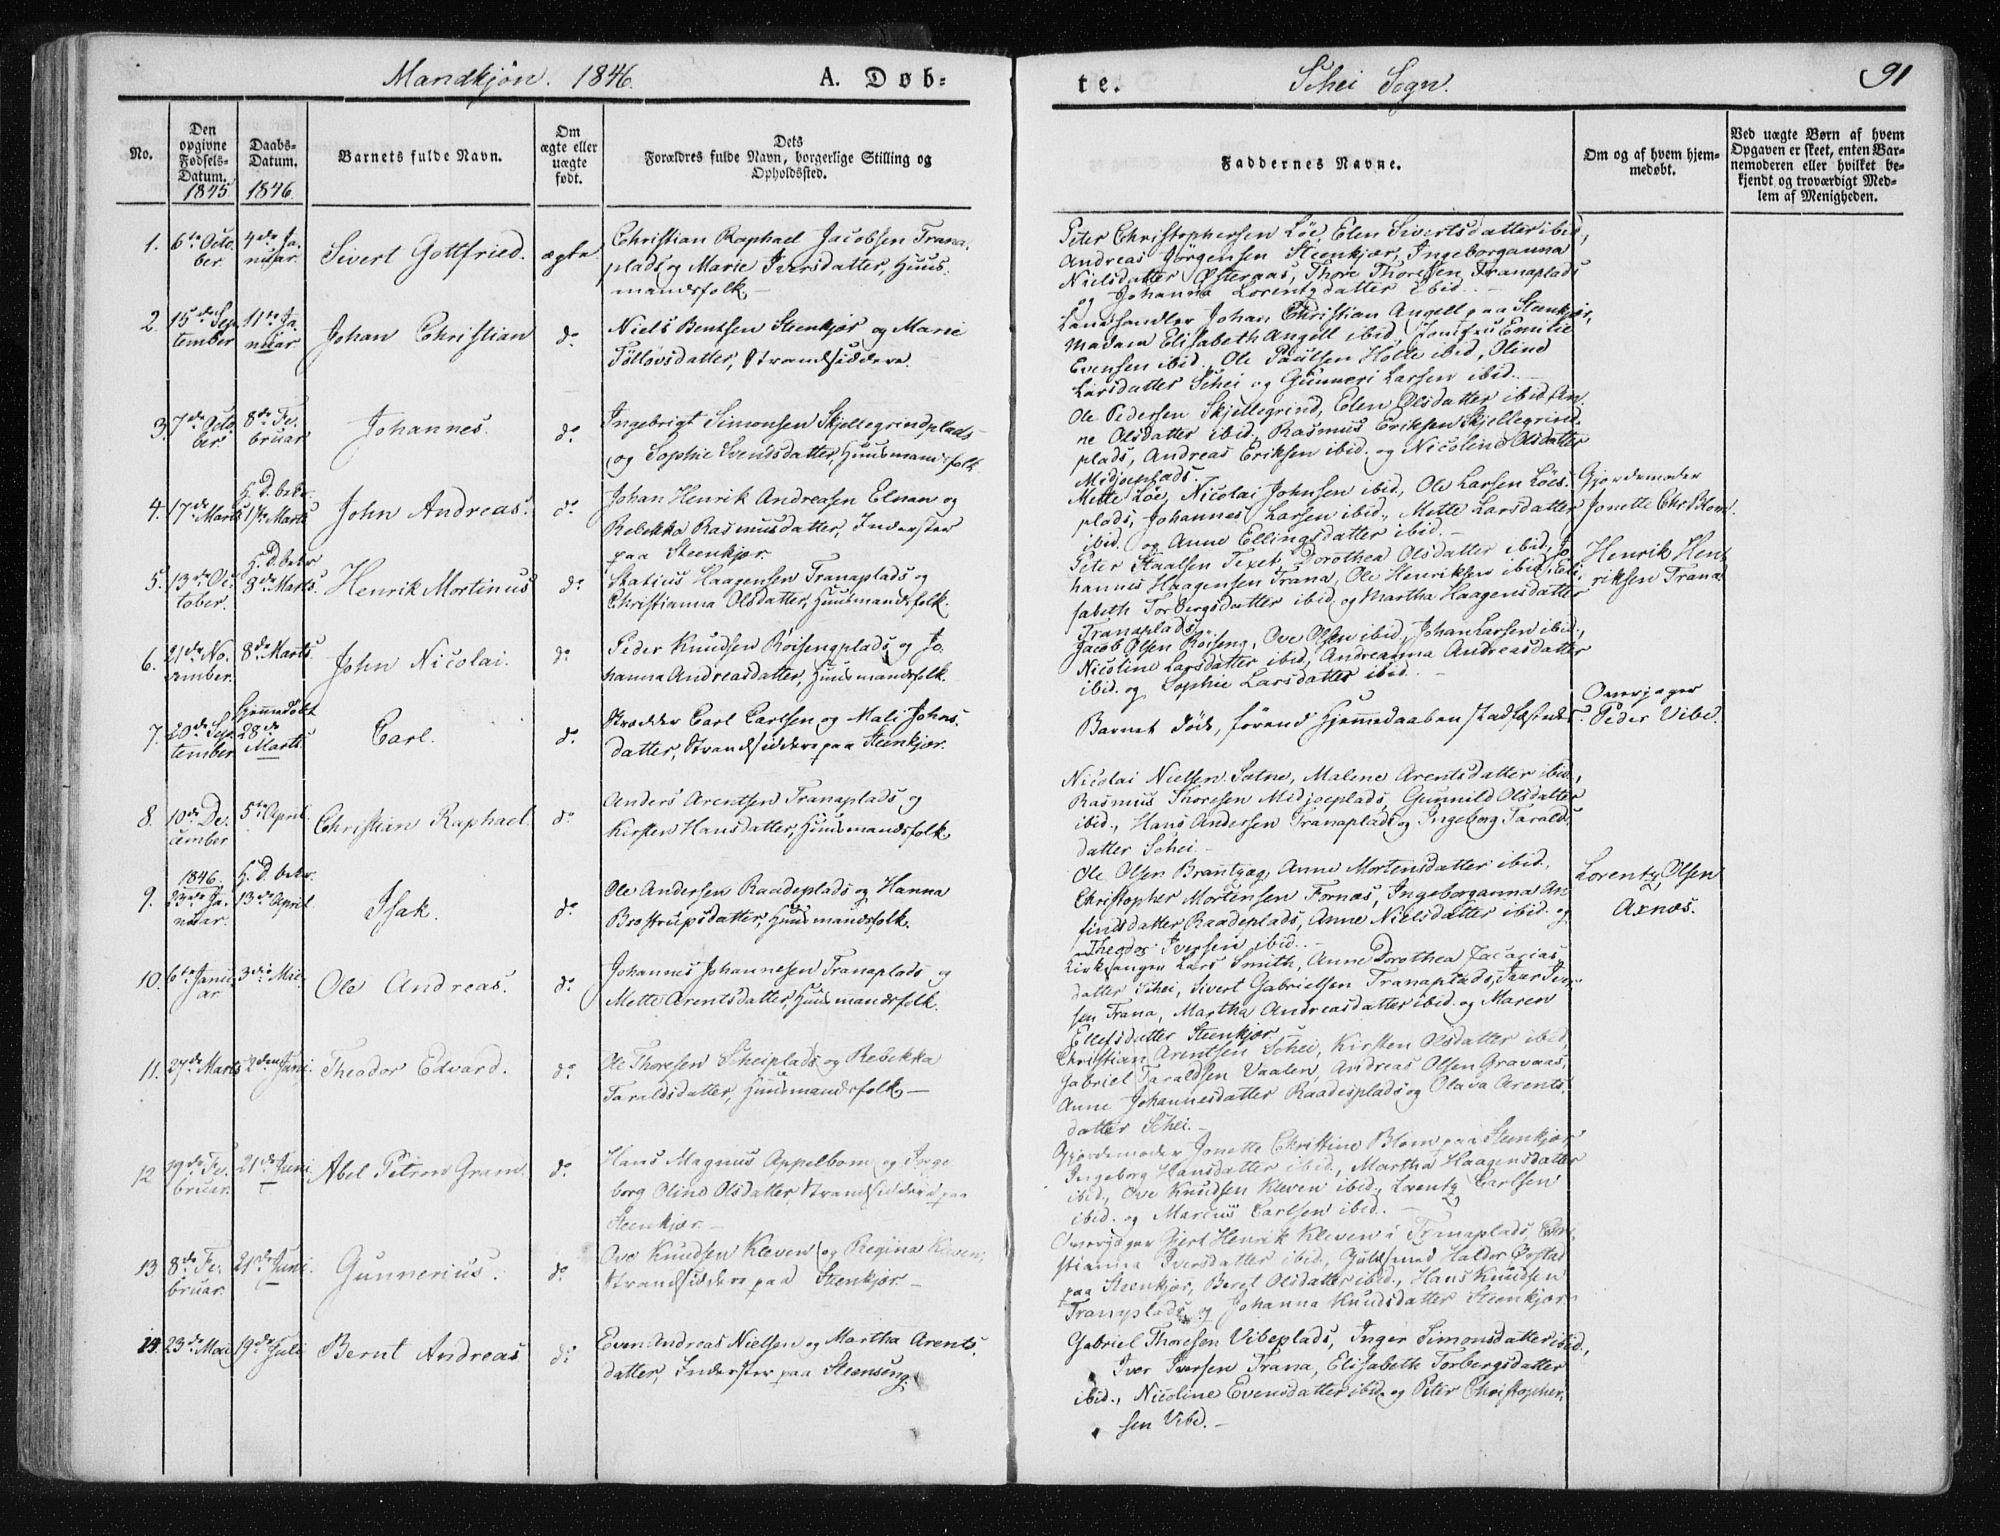 SAT, Ministerialprotokoller, klokkerbøker og fødselsregistre - Nord-Trøndelag, 735/L0339: Ministerialbok nr. 735A06 /2, 1836-1848, s. 91